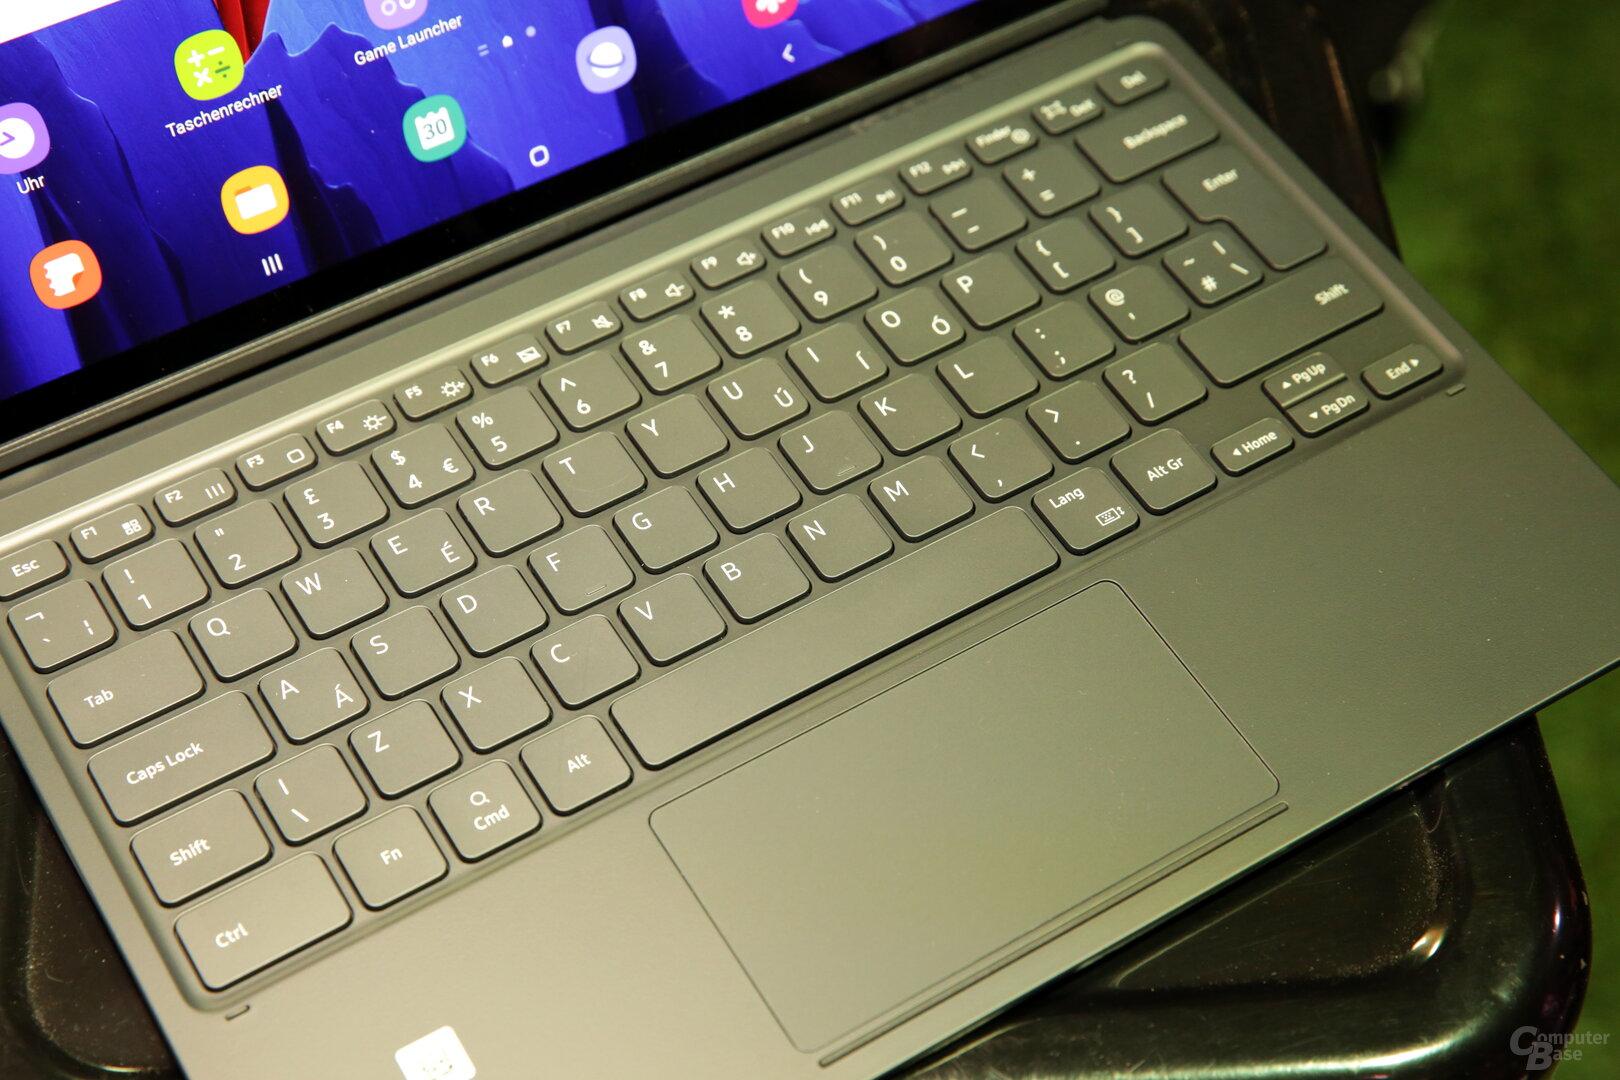 Tastatur mit Trackpad und Funktionstasten